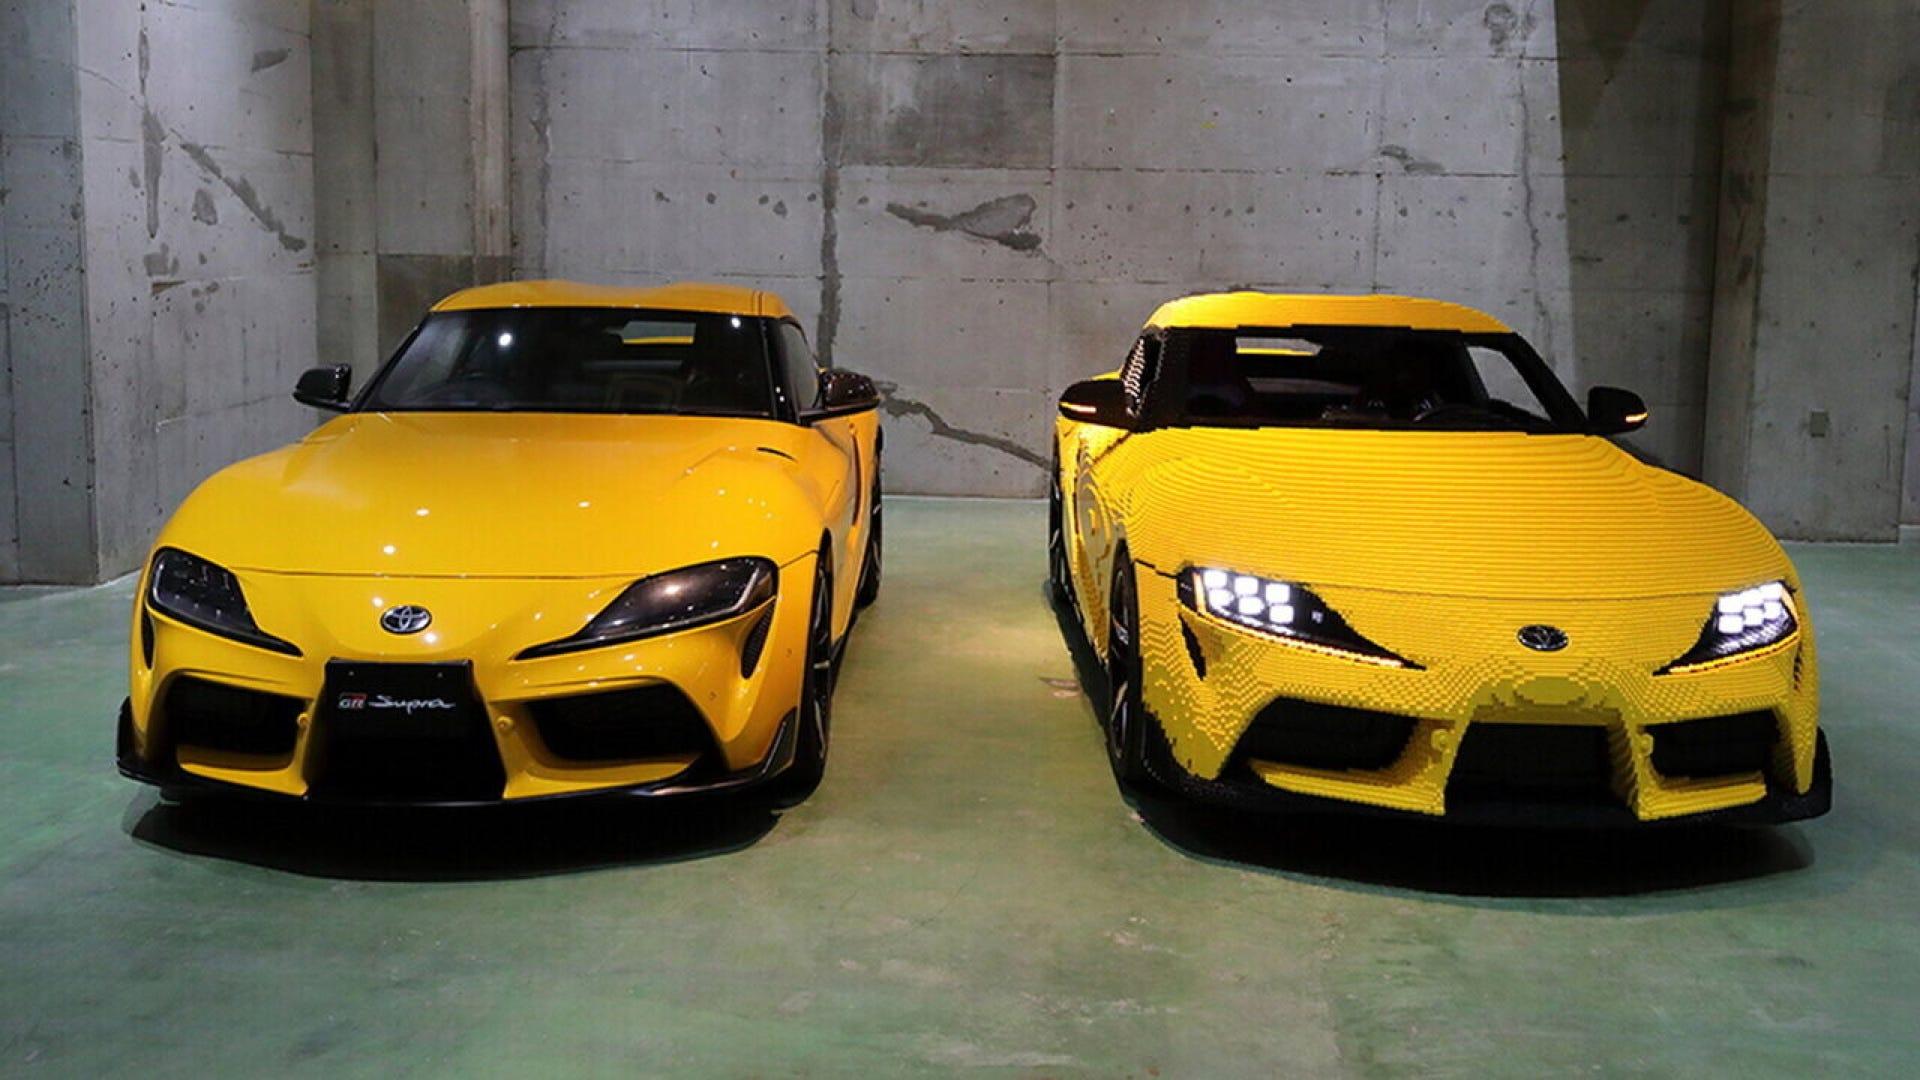 Toyota Supra next to LEGO Supra GR